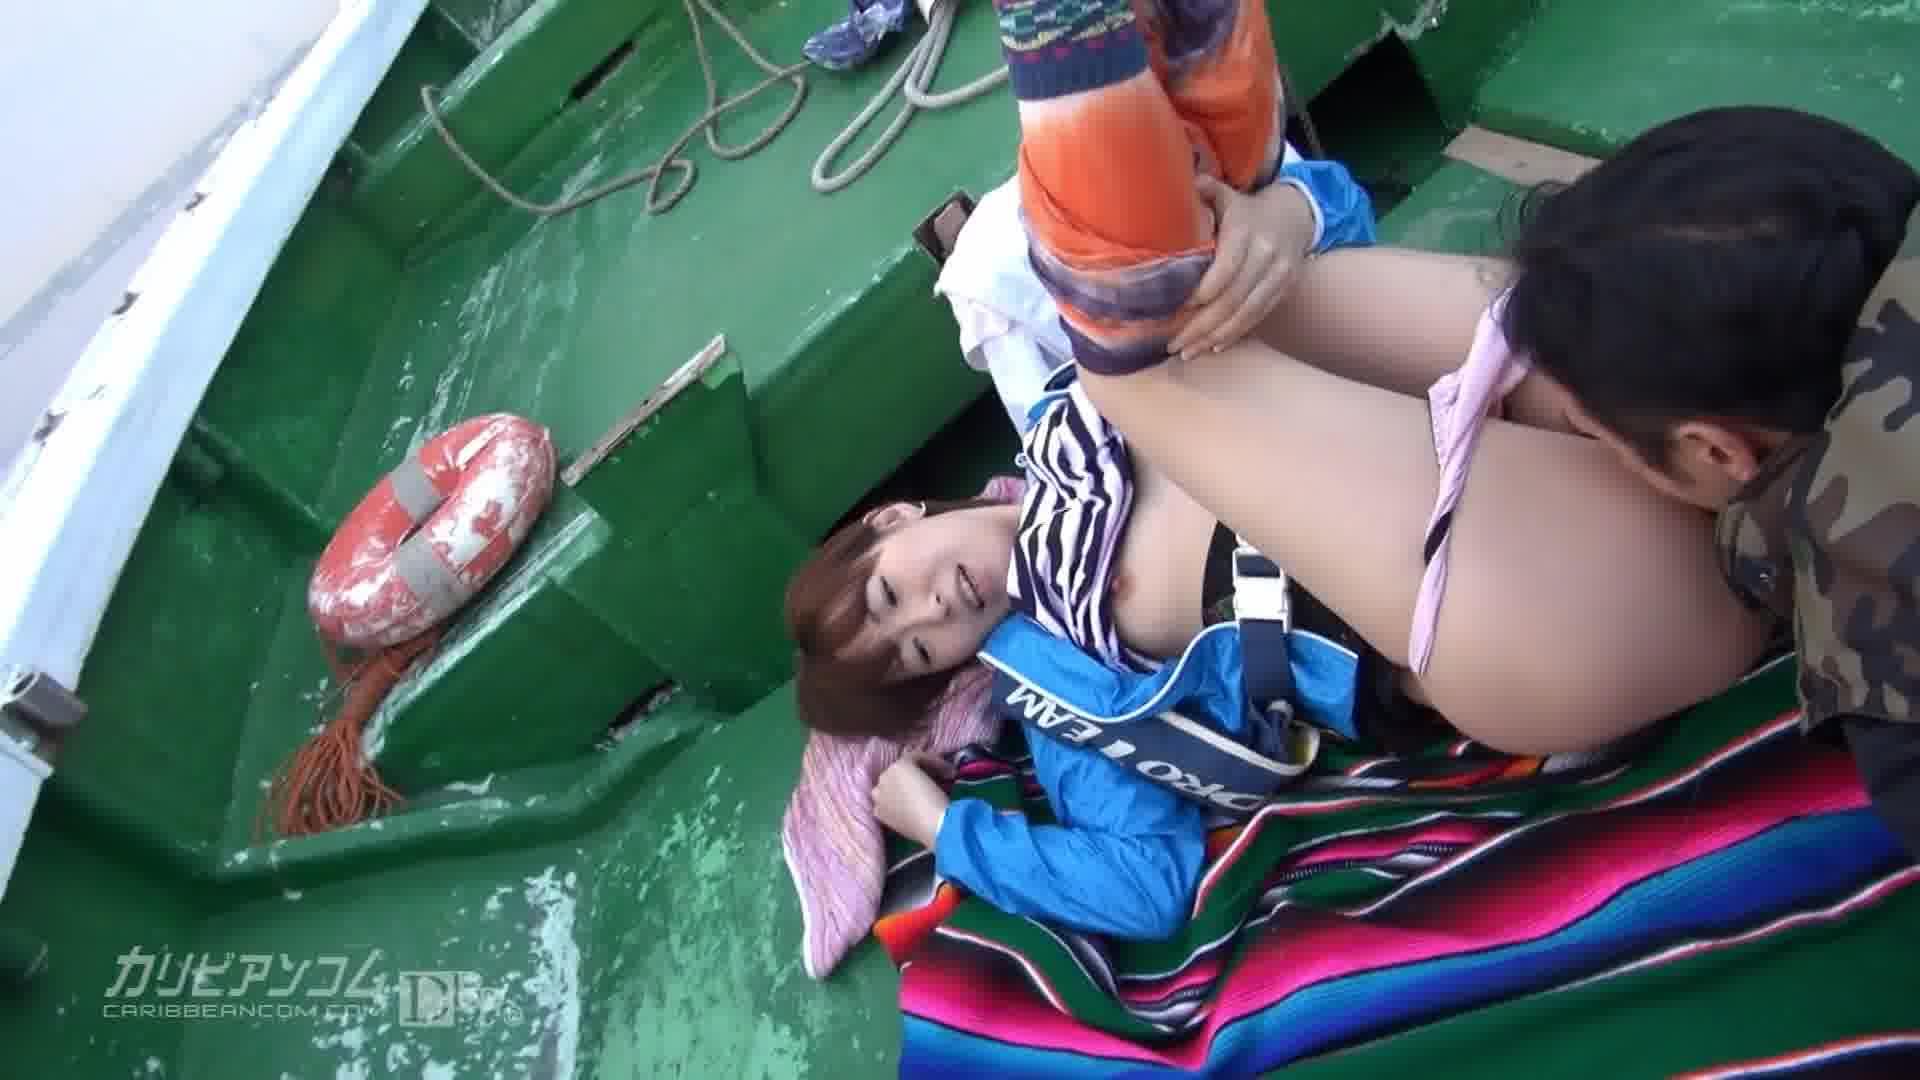 AVプロダクション対抗チキチキ海釣り大会 PART1 - 桜瀬奈【乱交・野外露出・中出し】